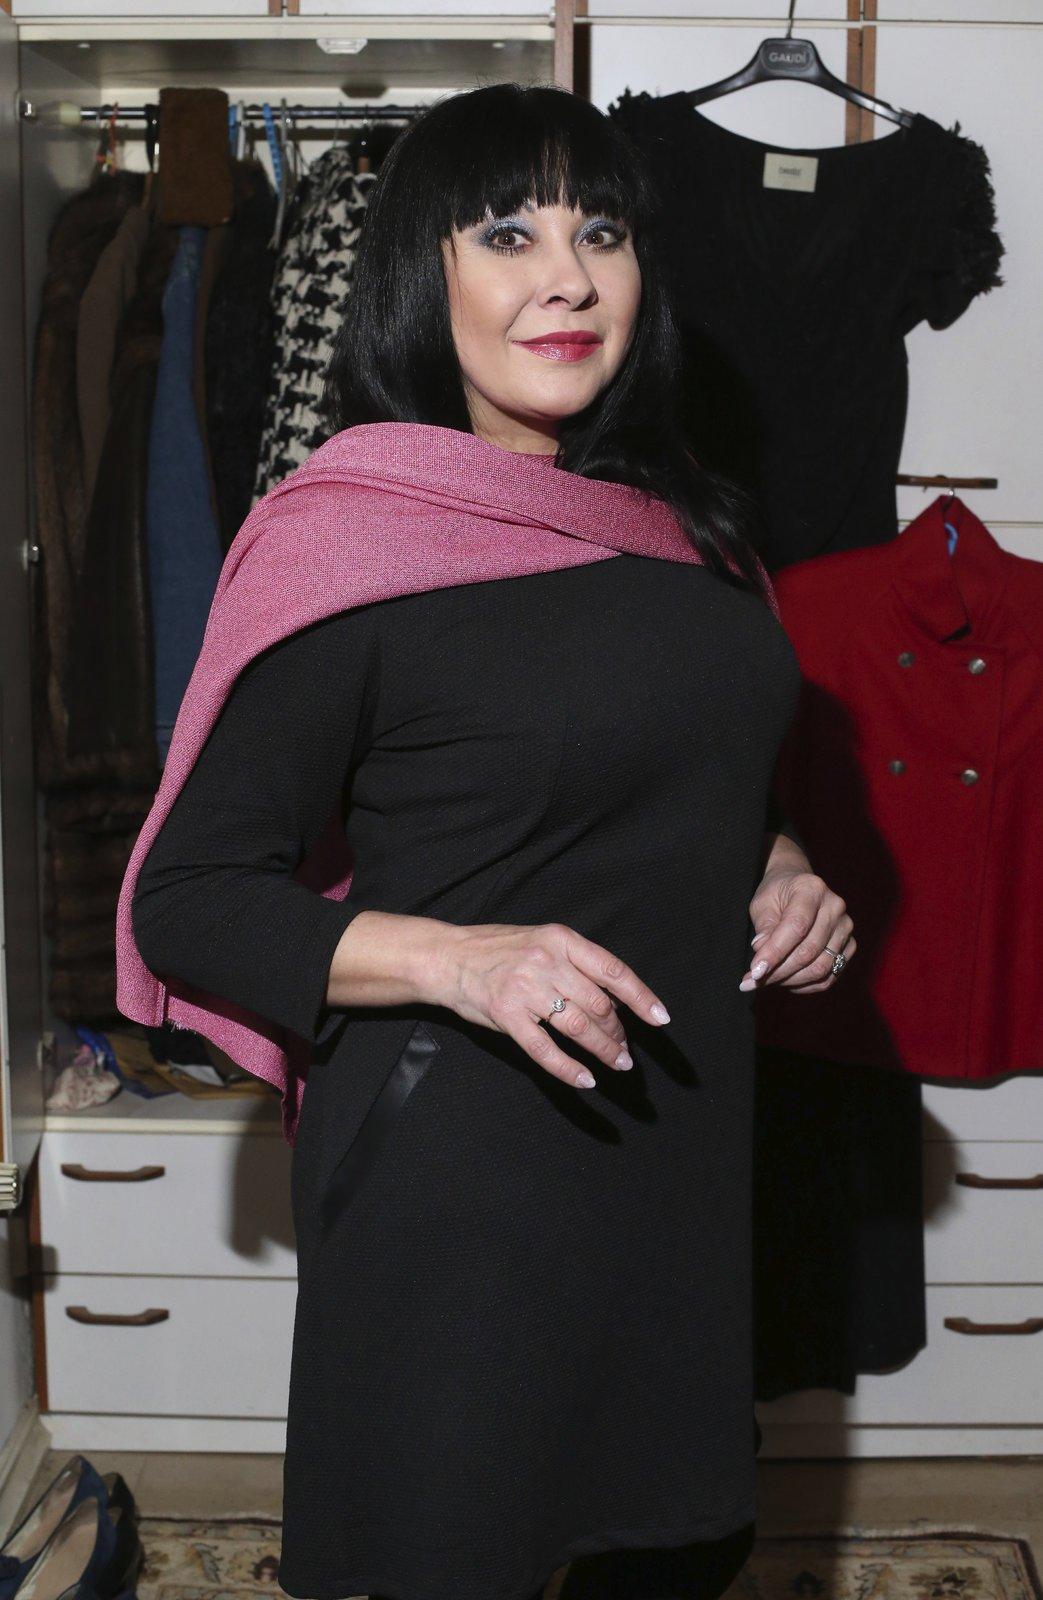 """Univerzálky: Krátké černé šaty si koupila v Opavě v butiku s českou módou. Na zádech mají jako ozdobu zlatý zip: """"Takové univerzální šaty nesmí v šatníku chybět. Nosím je s červenou pelerínkou, nebo s růžovým plédem. Pokaždé vypadají trochu jinak."""""""